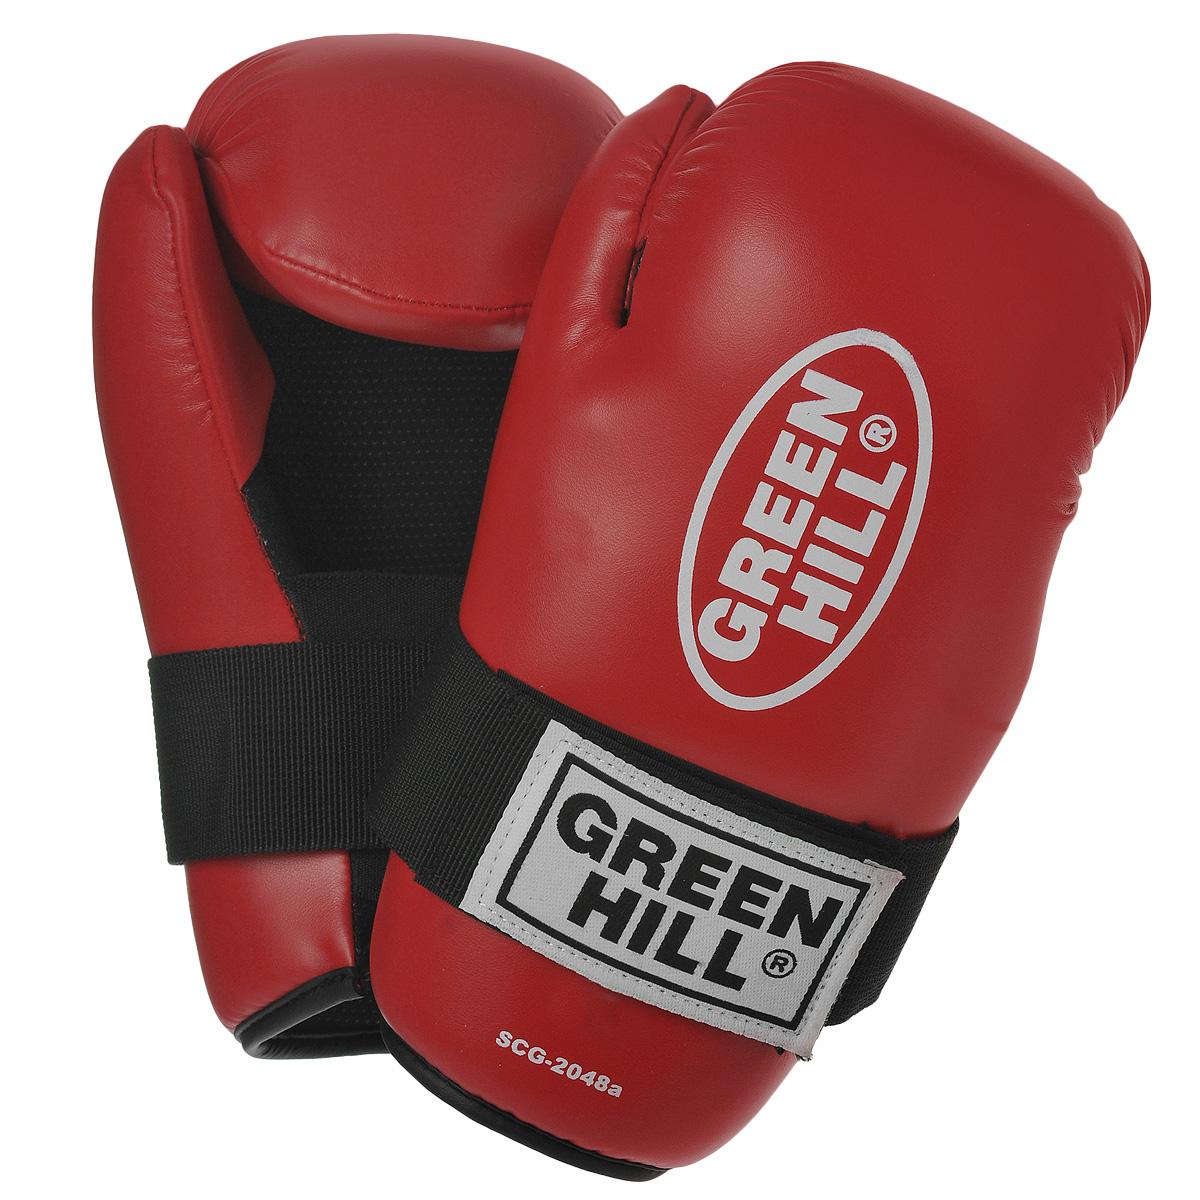 Перчатки для контактных единоборств Green Hill 7-contact, цвет: красный. Размер SSCG-2048cНакладки Green Hill 7-contact для контактных видов единоборств семиконтакт. Идеально подходят для обучения, спаррингов и соревнований. Перчатки выполнены из высококачественной. Широкий ремень, охватывая запястье, полностью оборачивается вокруг манжеты, благодаря чему создается дополнительная защита лучезапястного сустава от травмирования. Застежка на липучке способствует быстрому и удобному одеванию перчаток, плотно фиксирует перчатки на руке.